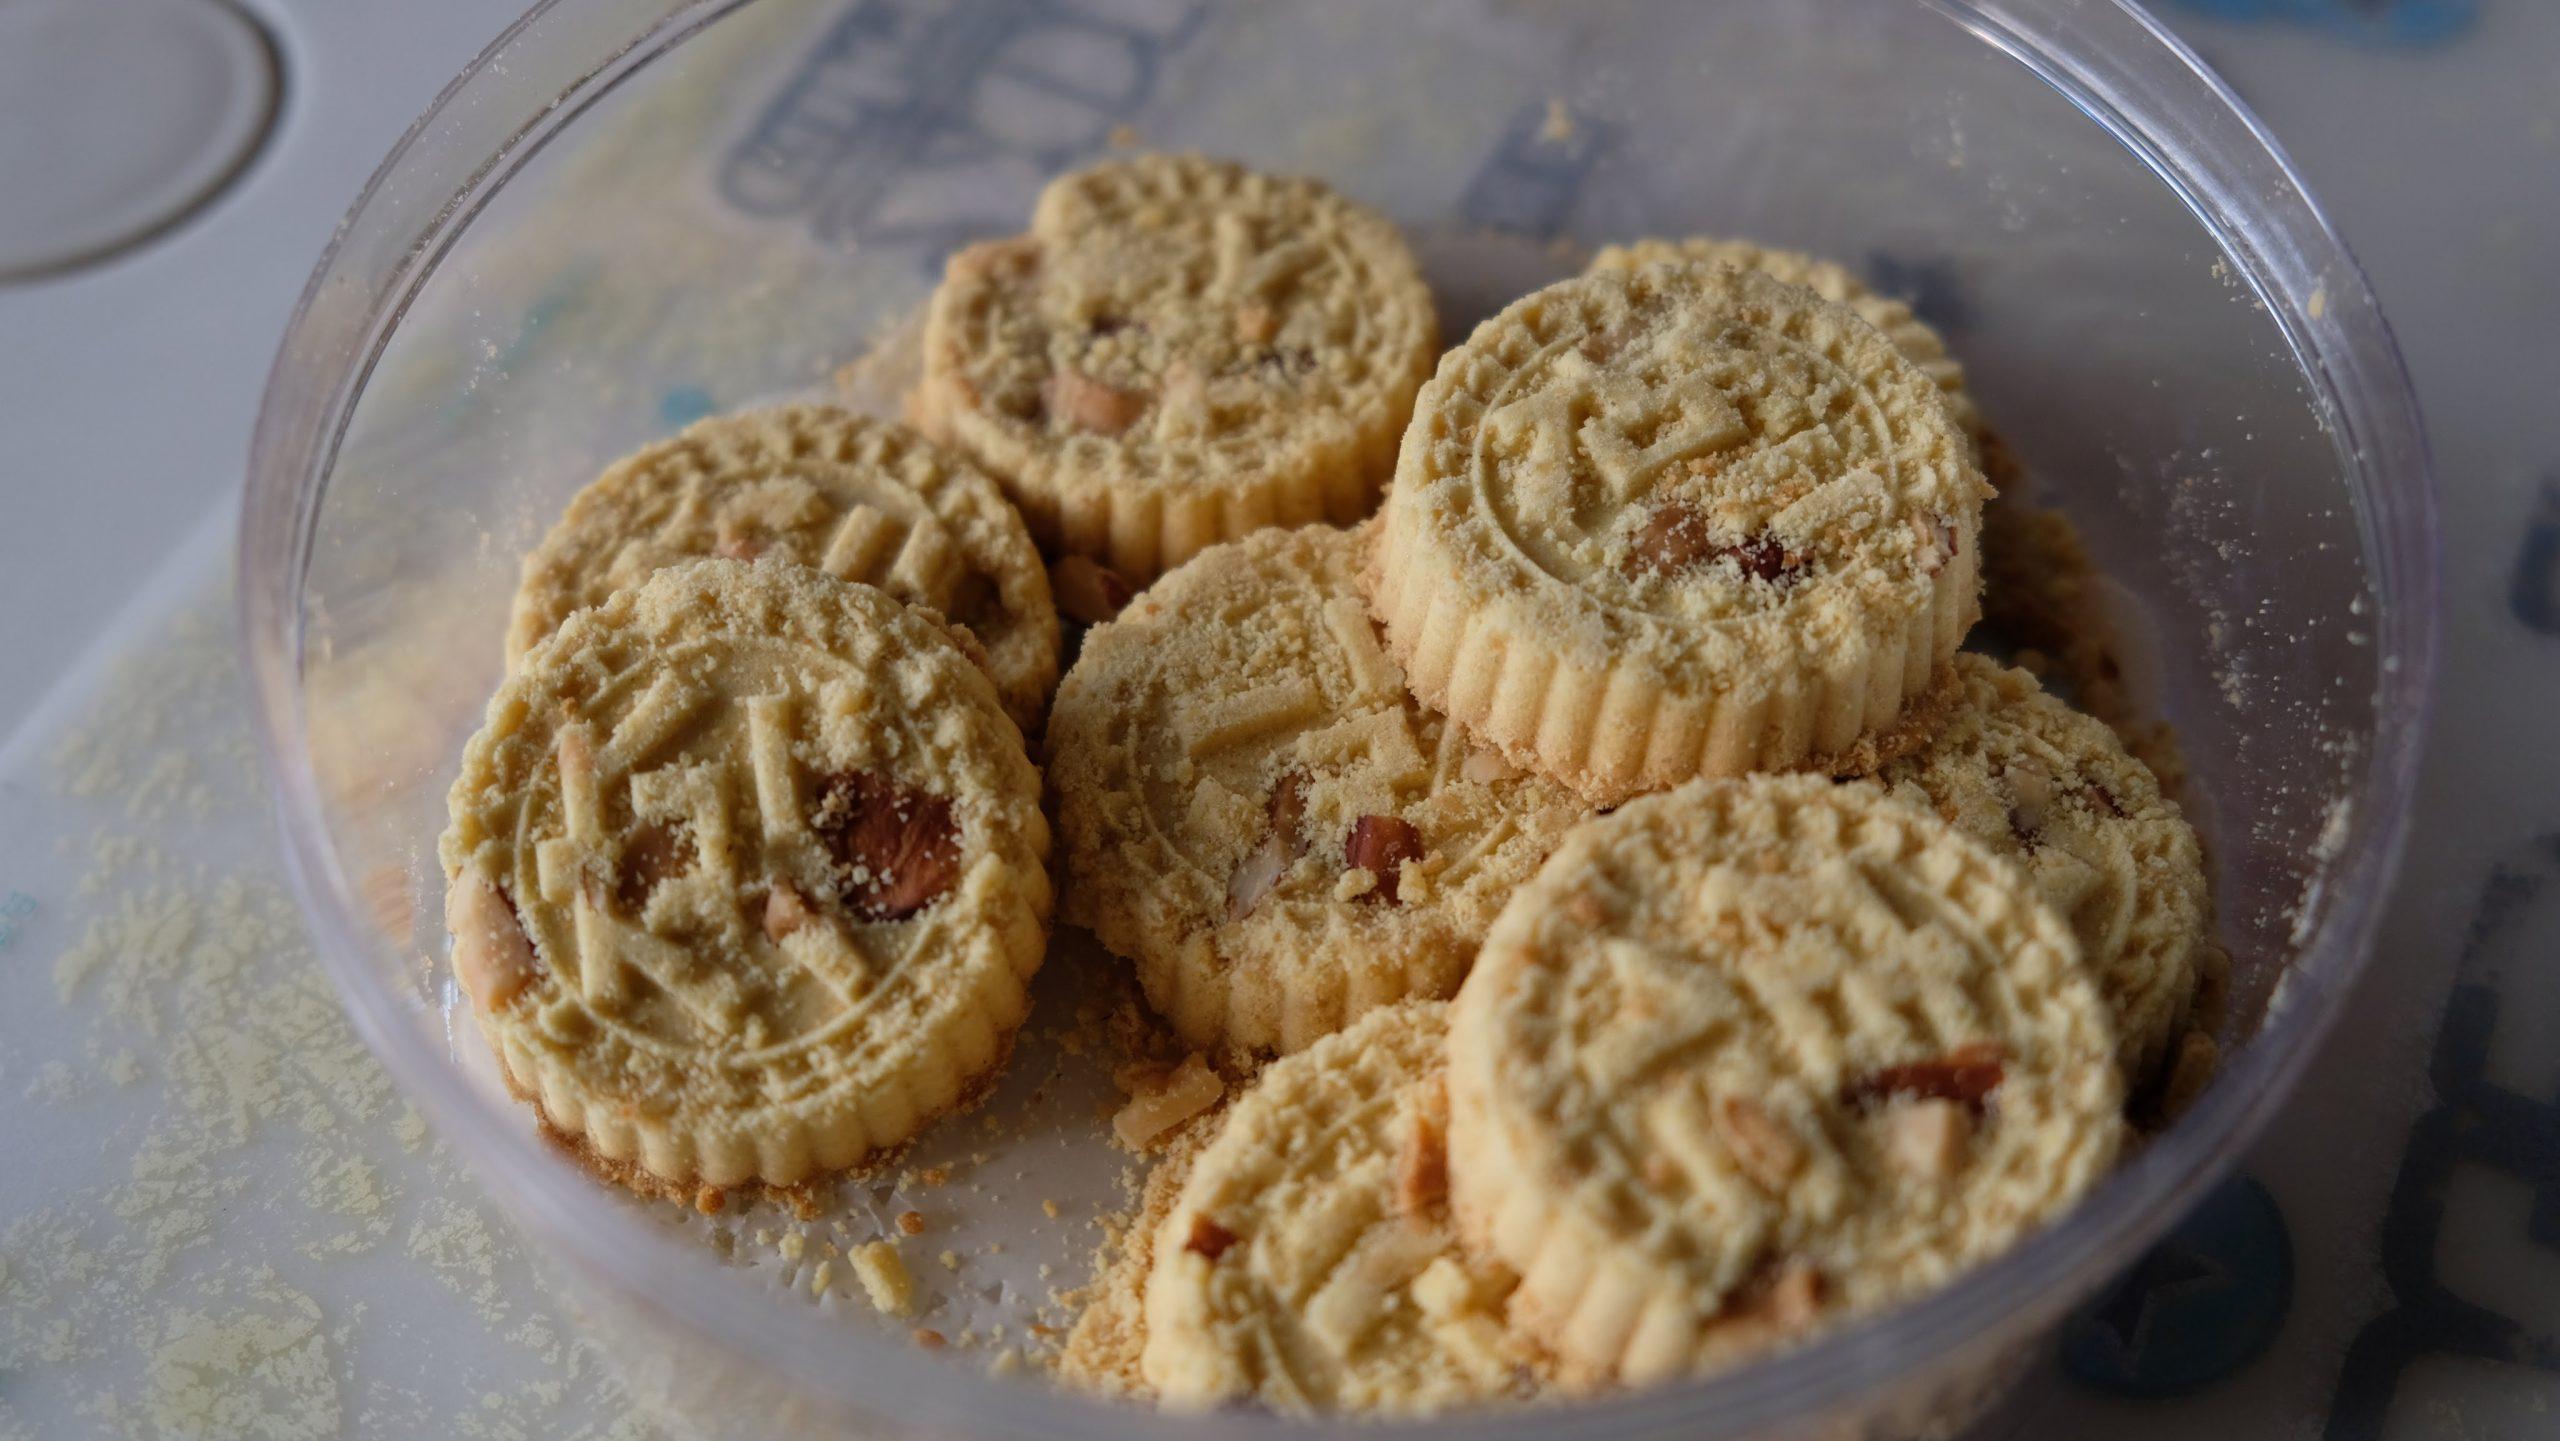 [澳門] 合記花生糖專家:訪尋大馬路巷弄小攤檔,吃一口傳統手工制作的杏仁餅